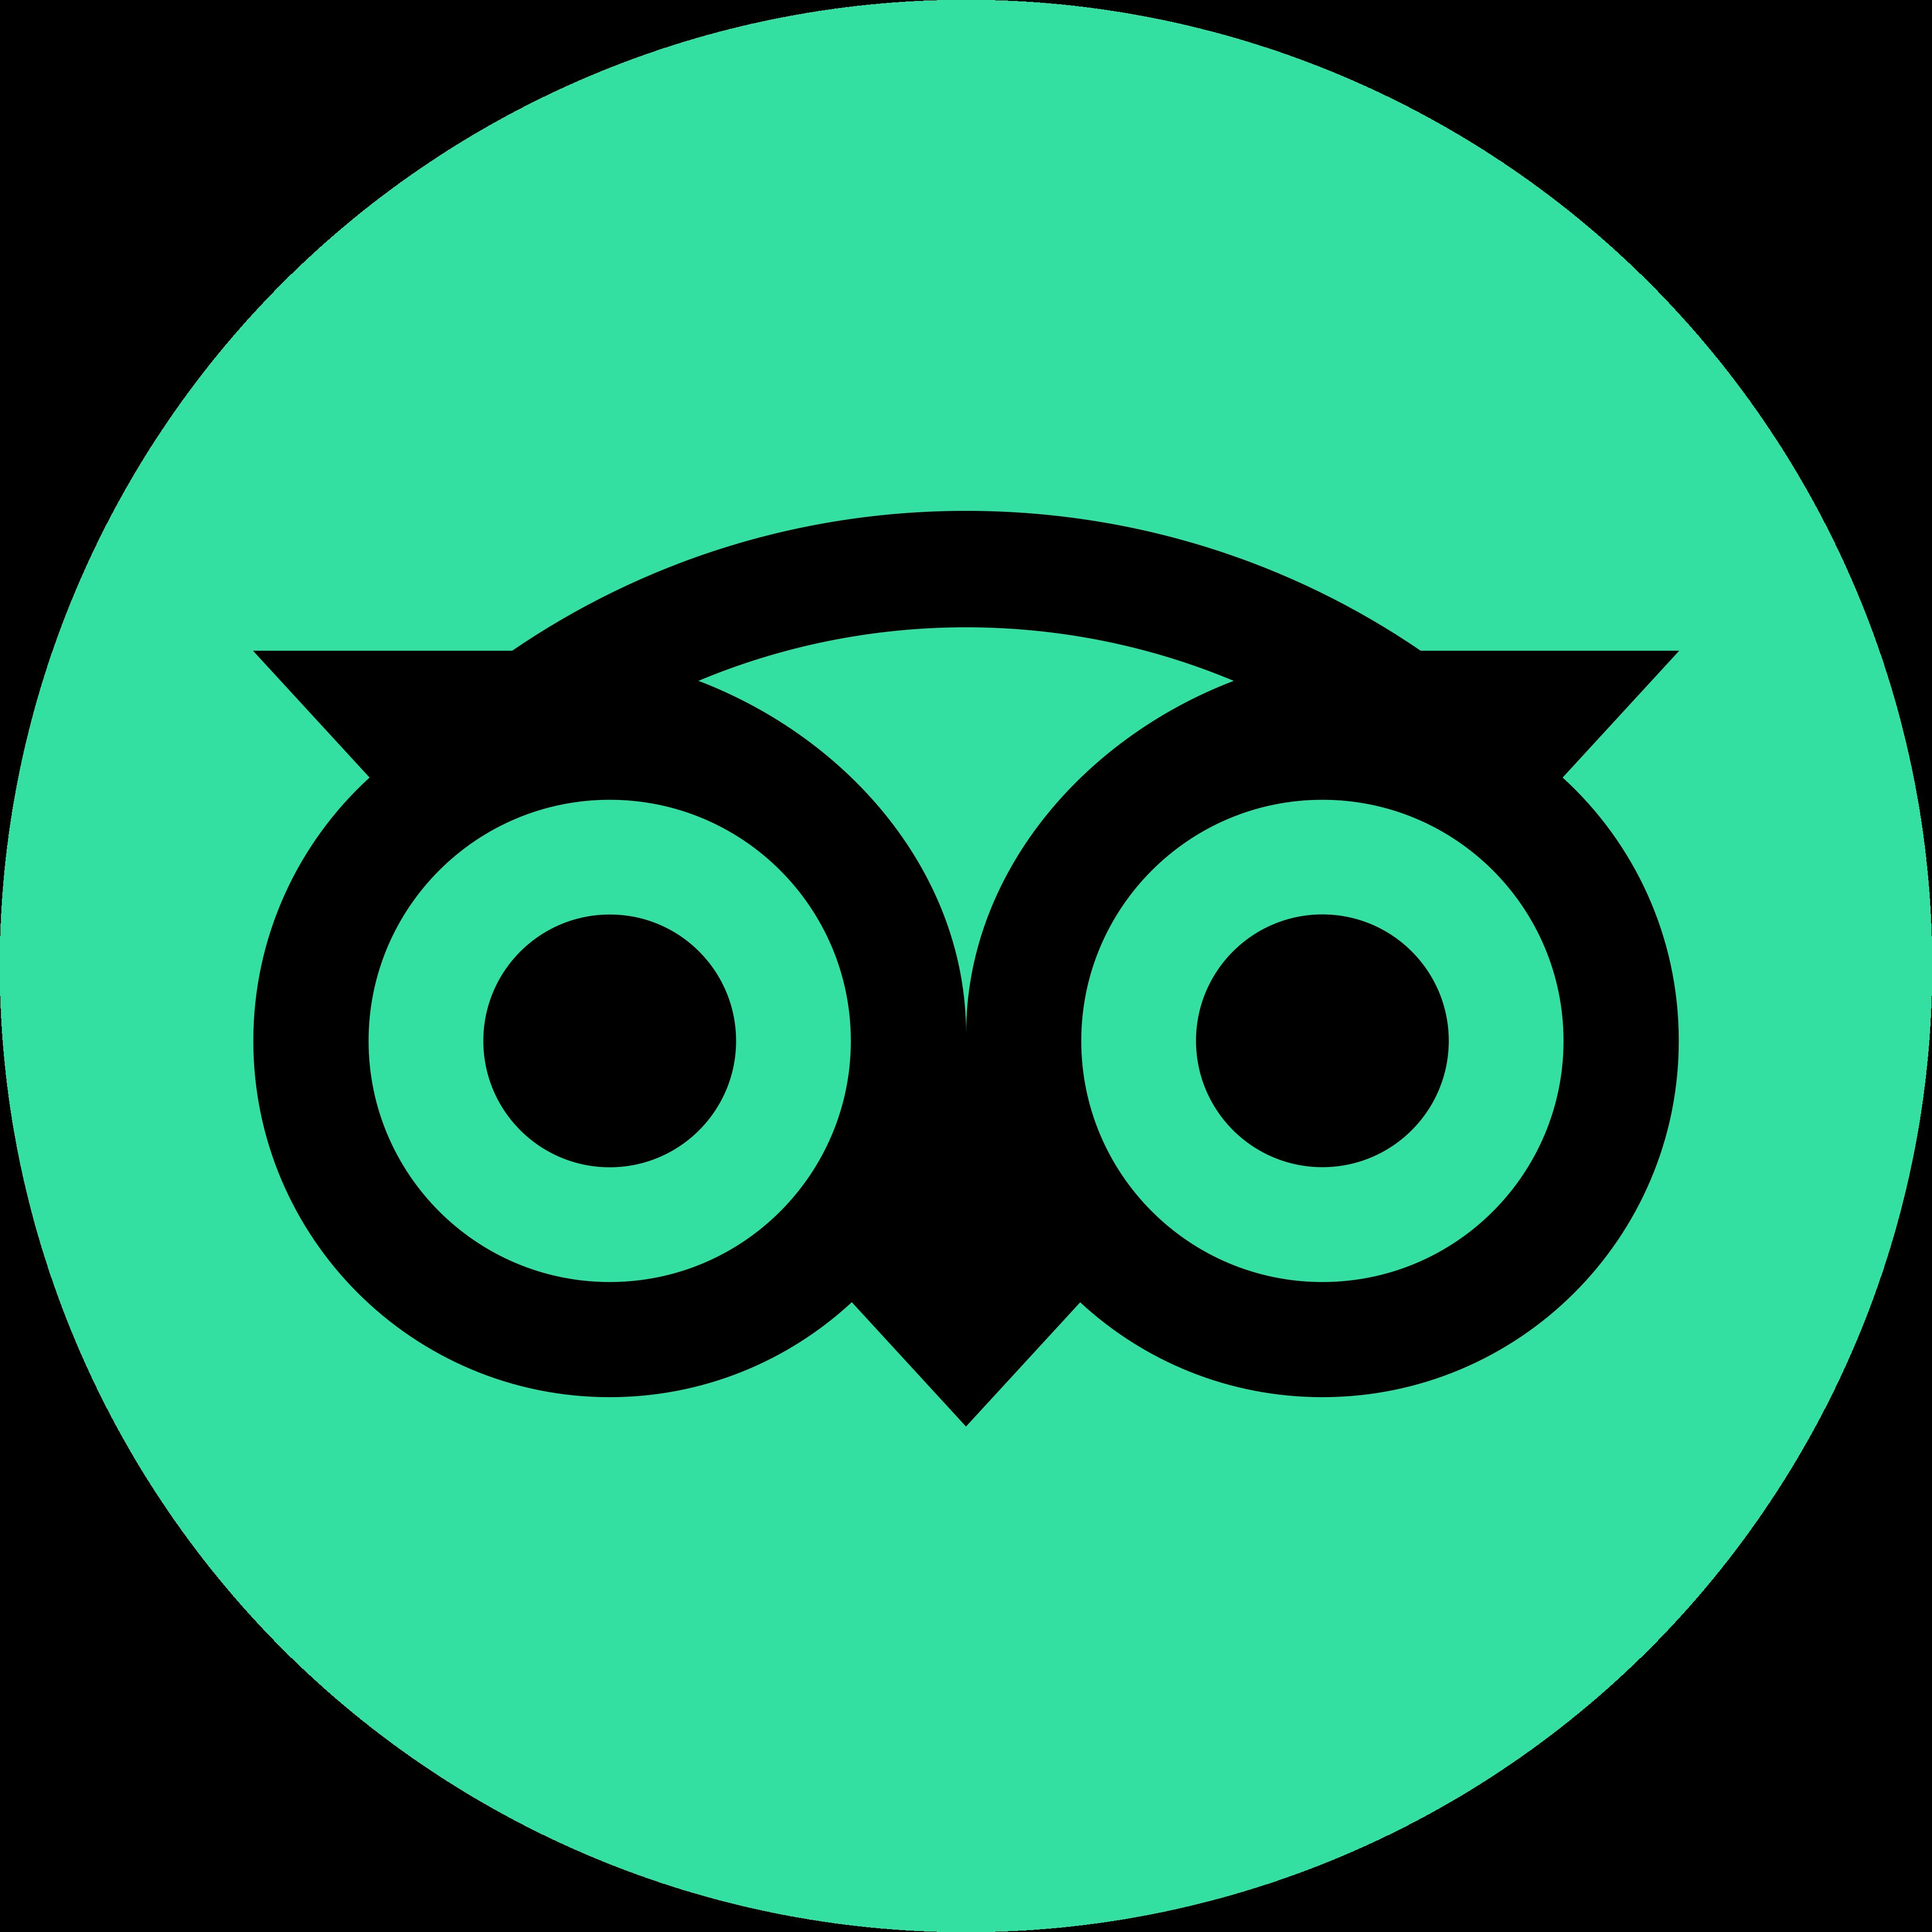 tripadvisor logo 5 - TripAdvisor Logo